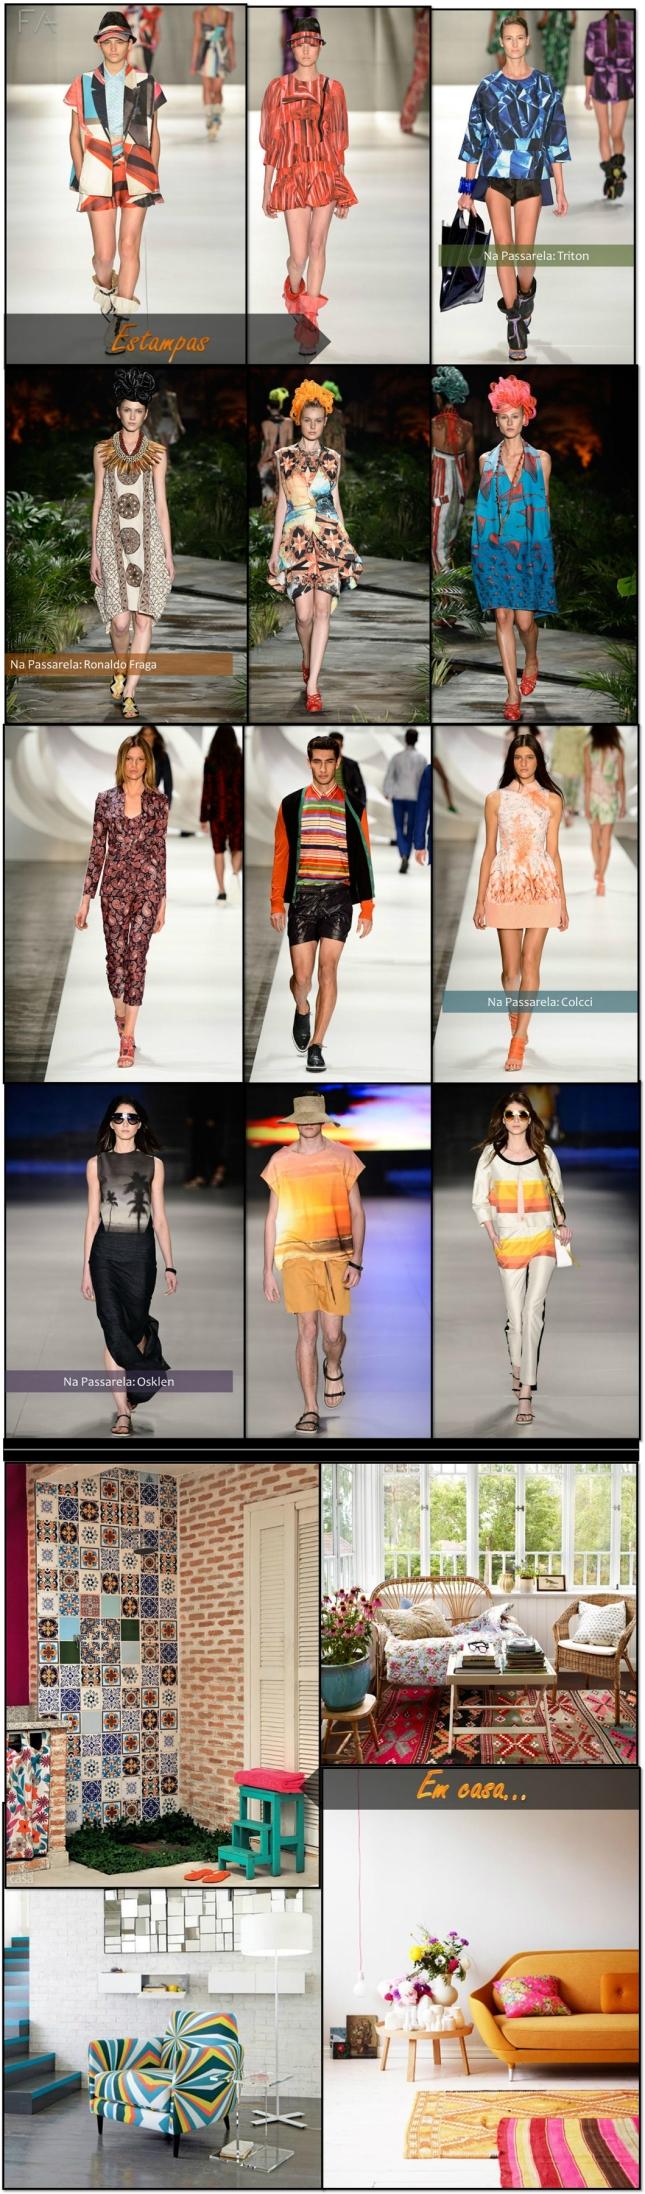 SPFW + Moda Casa - FA 2